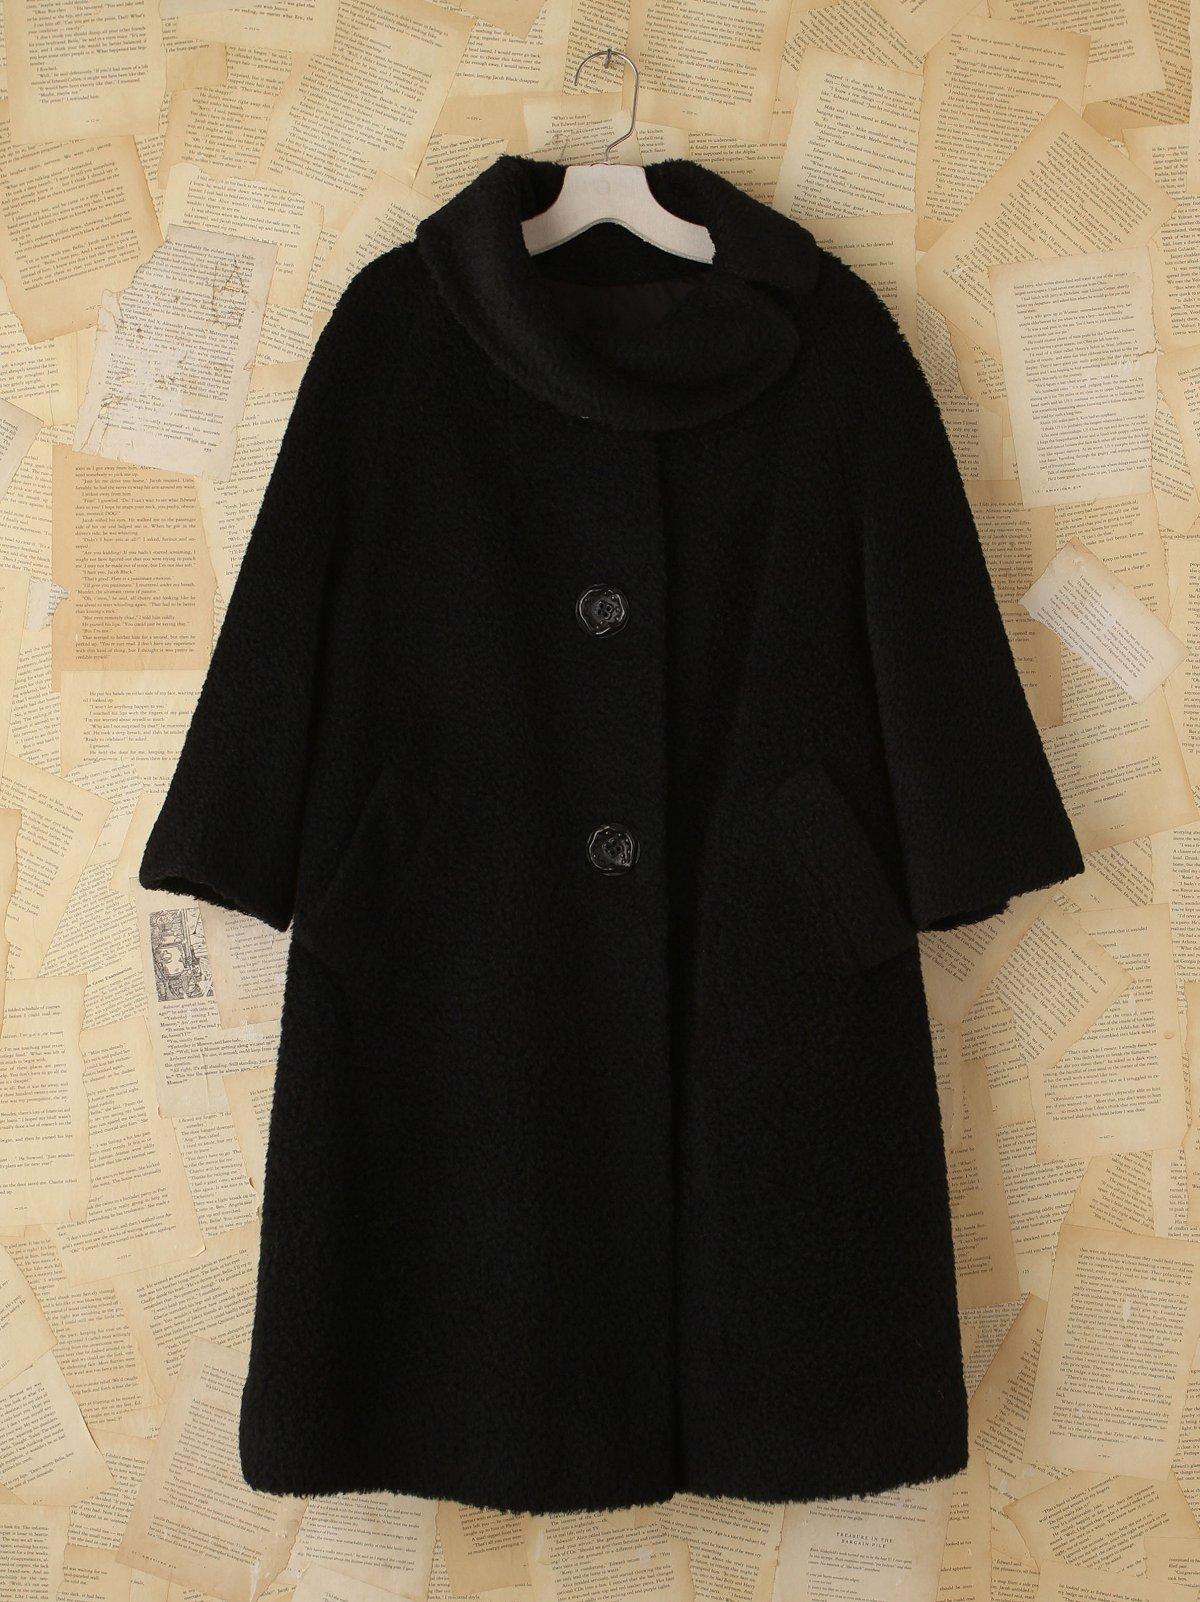 Vintage Black Nubby Jacket